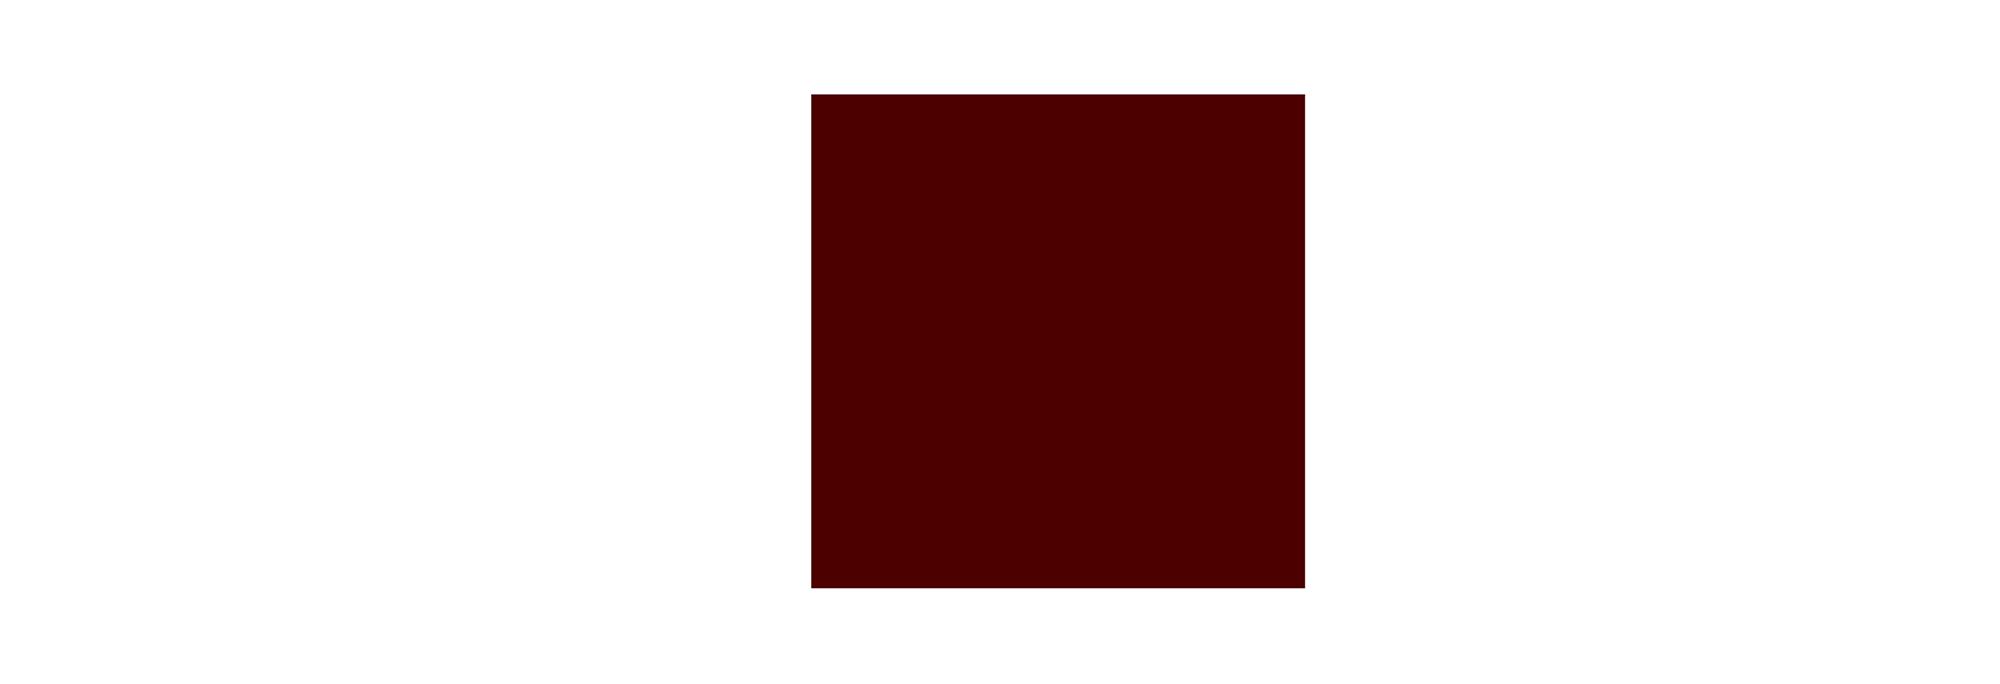 - Le Comptoir du Canal est un comptoir de dégustation situé sur le Bassin de la Vilette. Chez nous, on s'accoude aux comptoirs pour déguster ses verres, voir ses bouteilles, de vins naturels et bio français issus de petits producteurs, accompagnés d'une charcuterie de qualité et de fromages bien choisis.